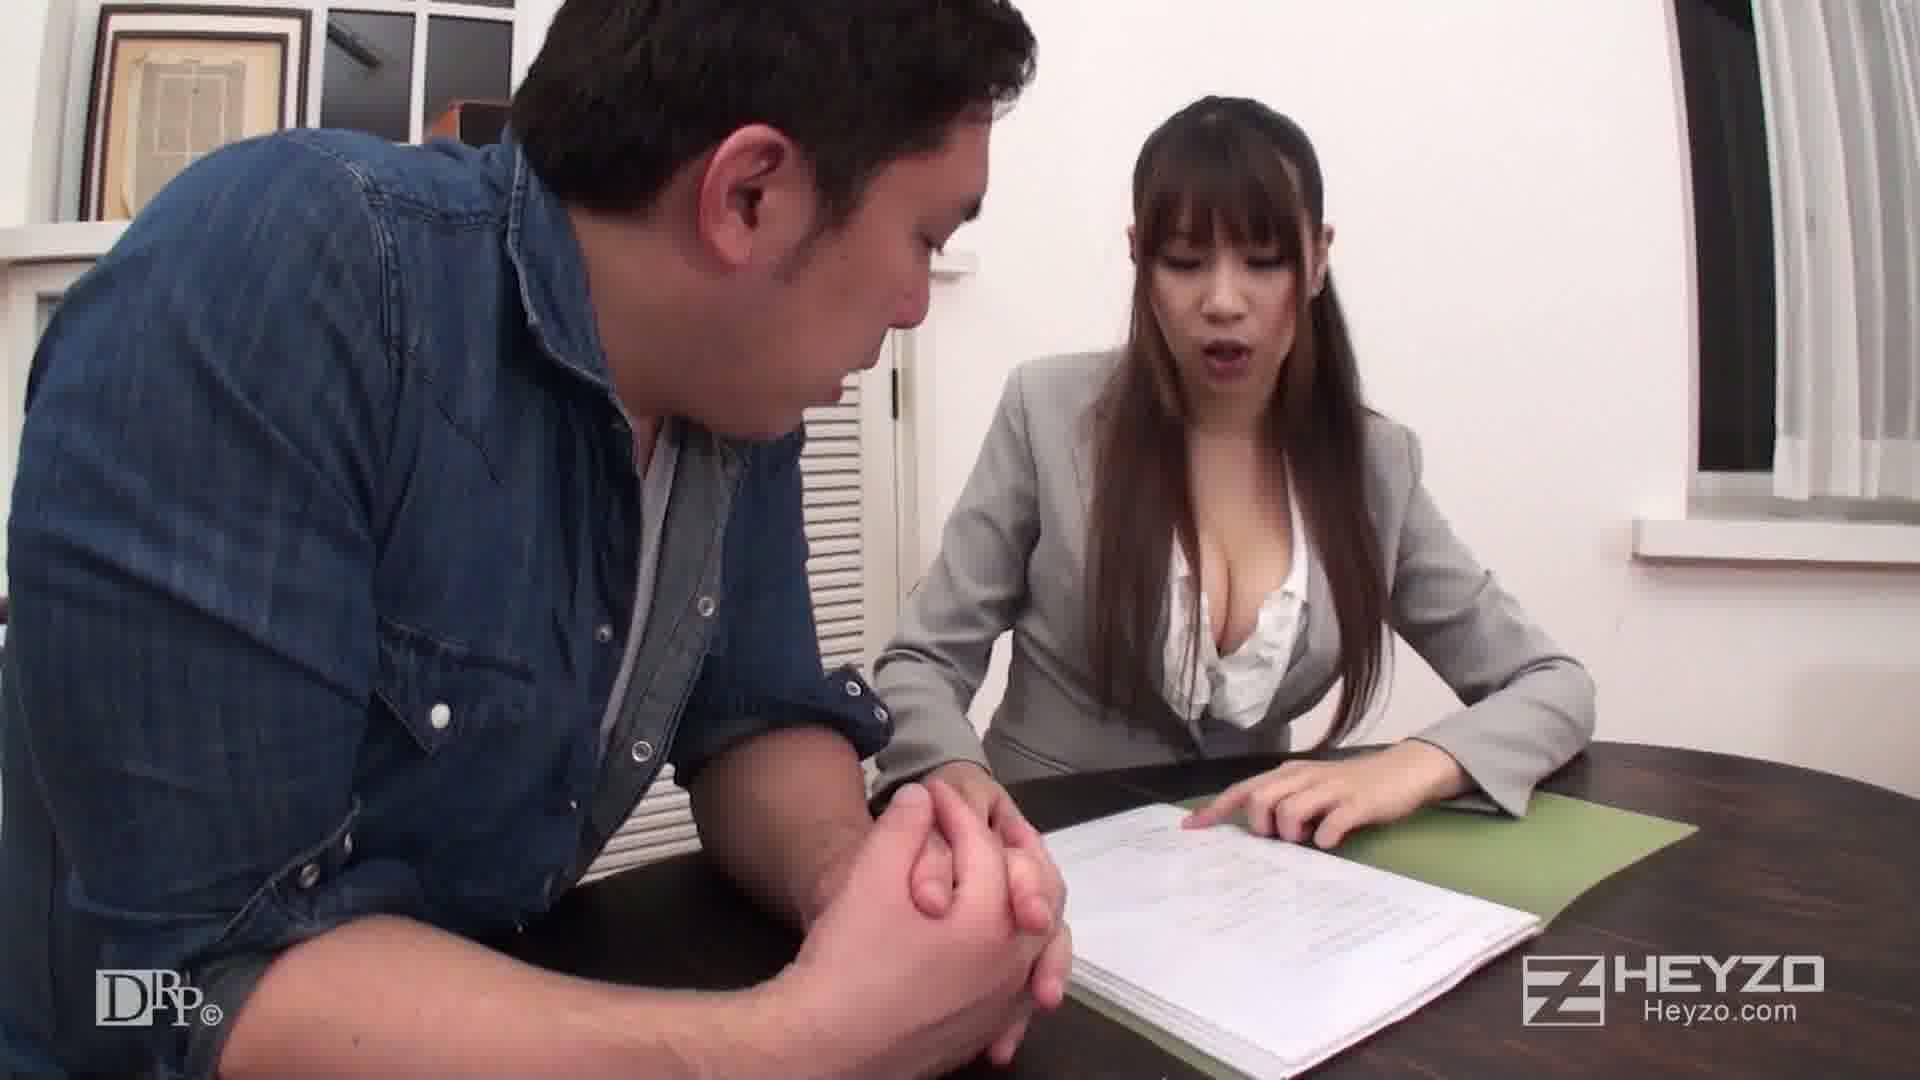 爆乳!保険のお姉さんのグチュグチュ枕営業 - 春永いずみ【雑談 前戯】